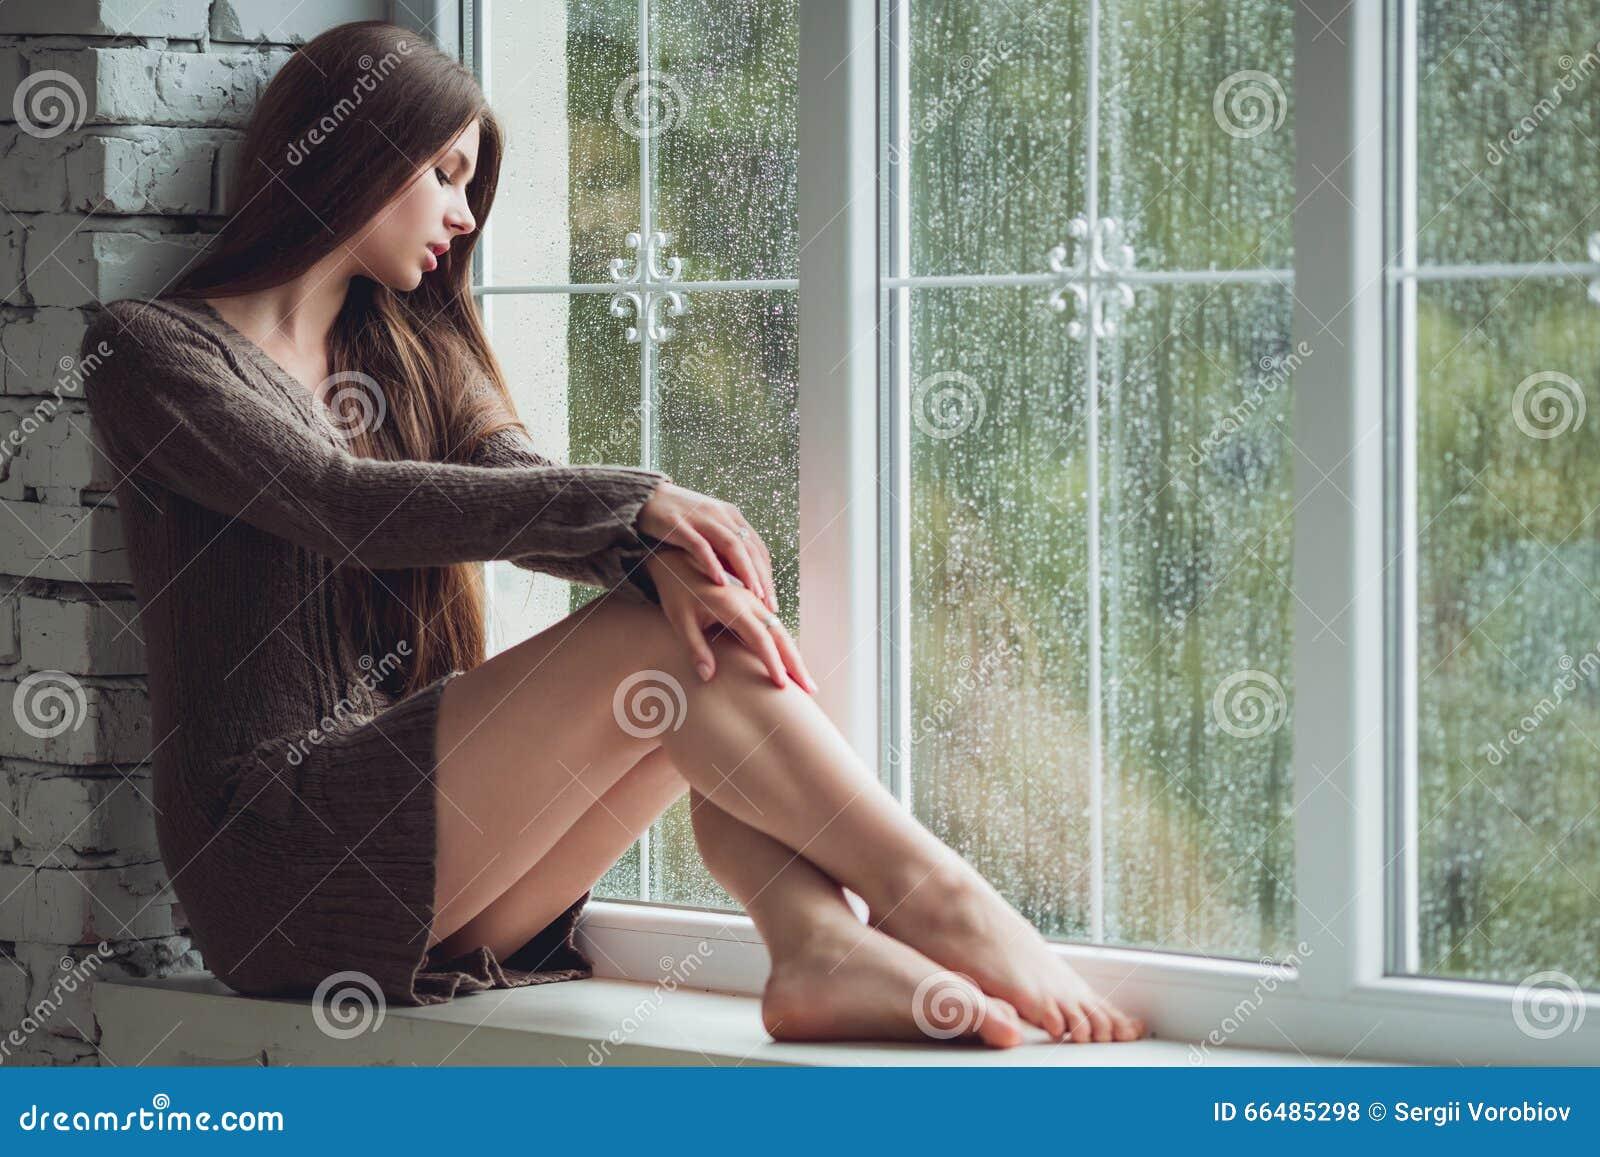 Mooi jong vrouw het zitten alleen dichtbijgelegen venster met regendalingen Sexy en droevig meisje Concept eenzaamheid